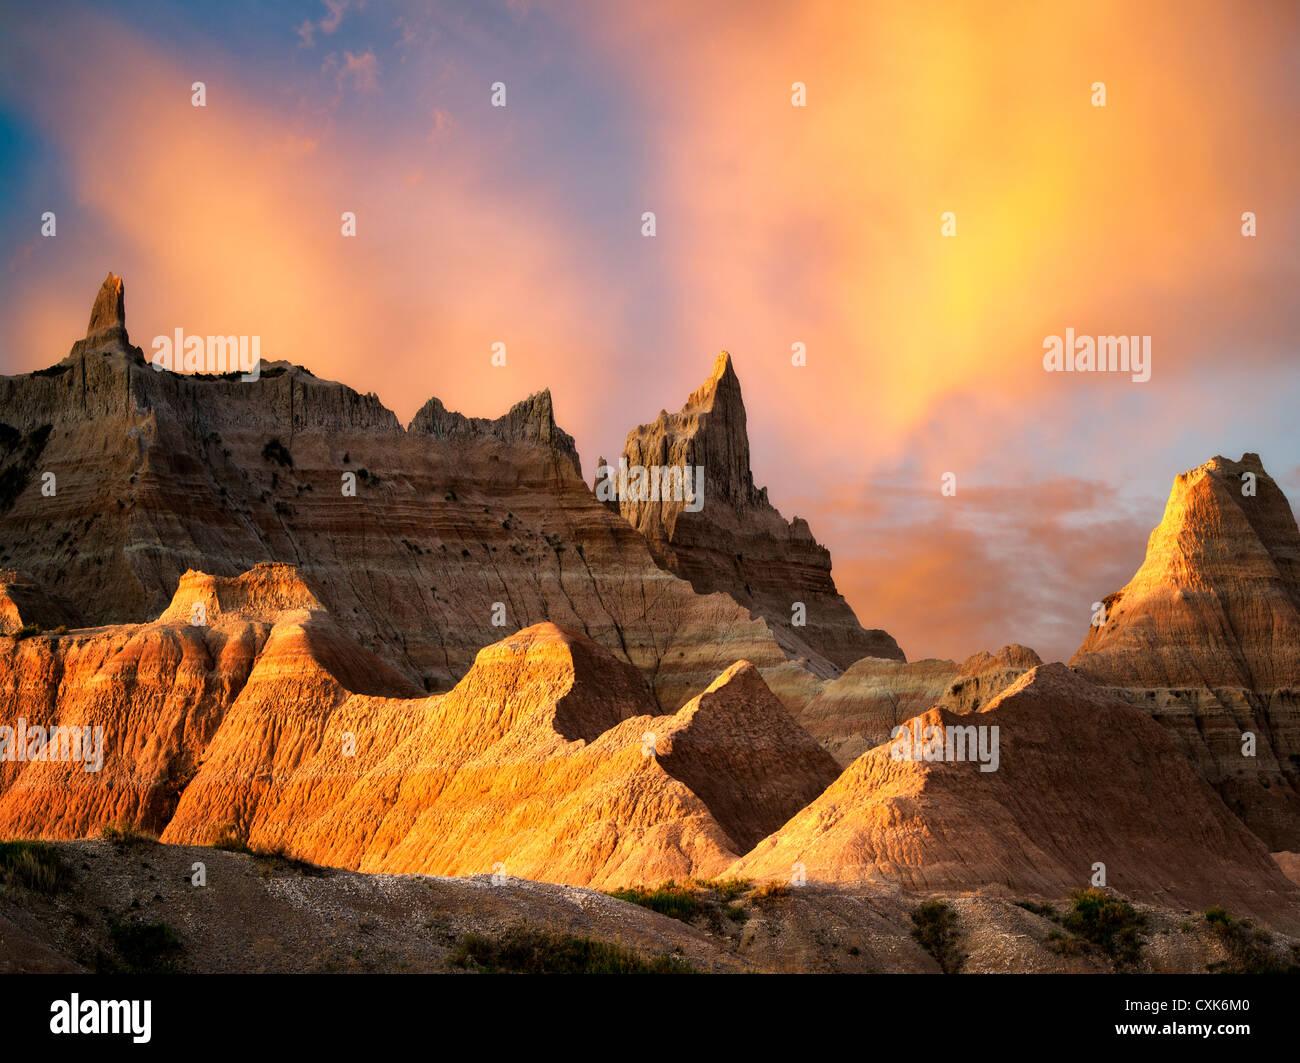 Formaciones rocosas erosionadas en el Parque Nacional Badlands, Dakota del Sur. Imagen De Stock